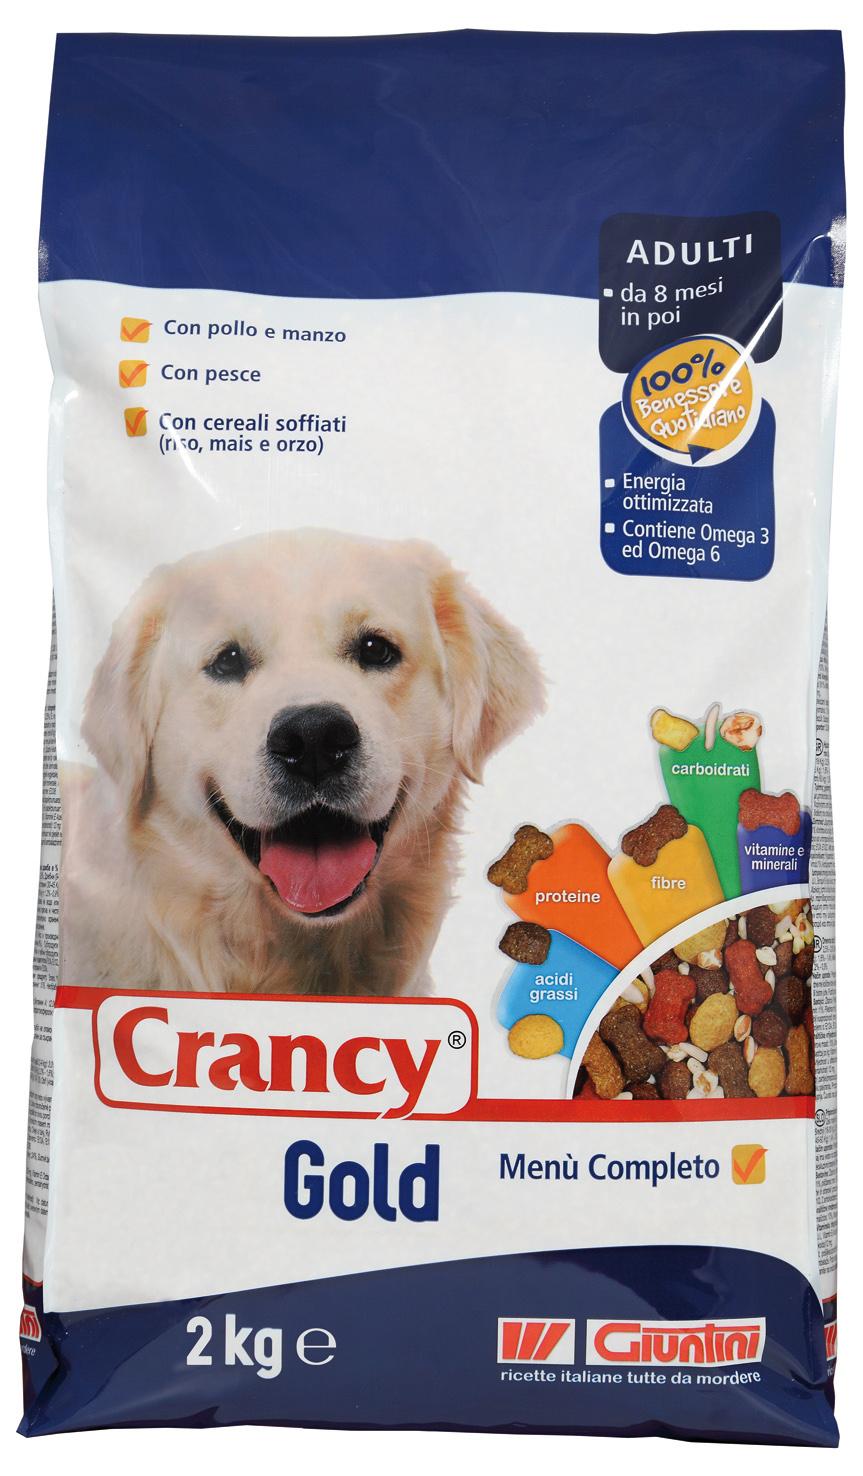 cibo giuntini cani i - crancy gold 2 kg/6 pz - 15.81